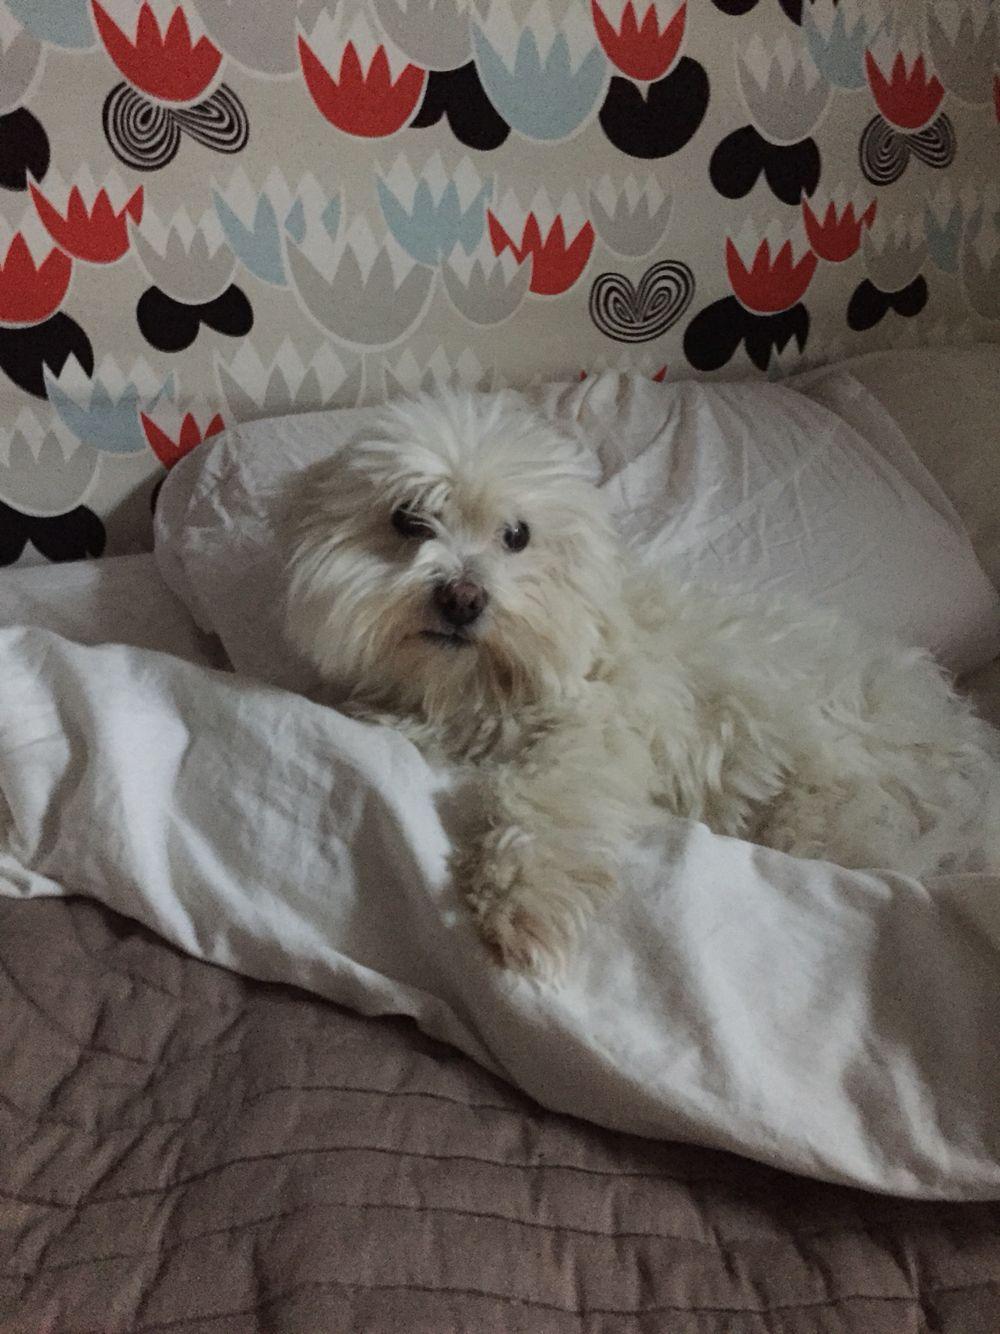 Dog hogging the bed - Lulu Hogging The Bed